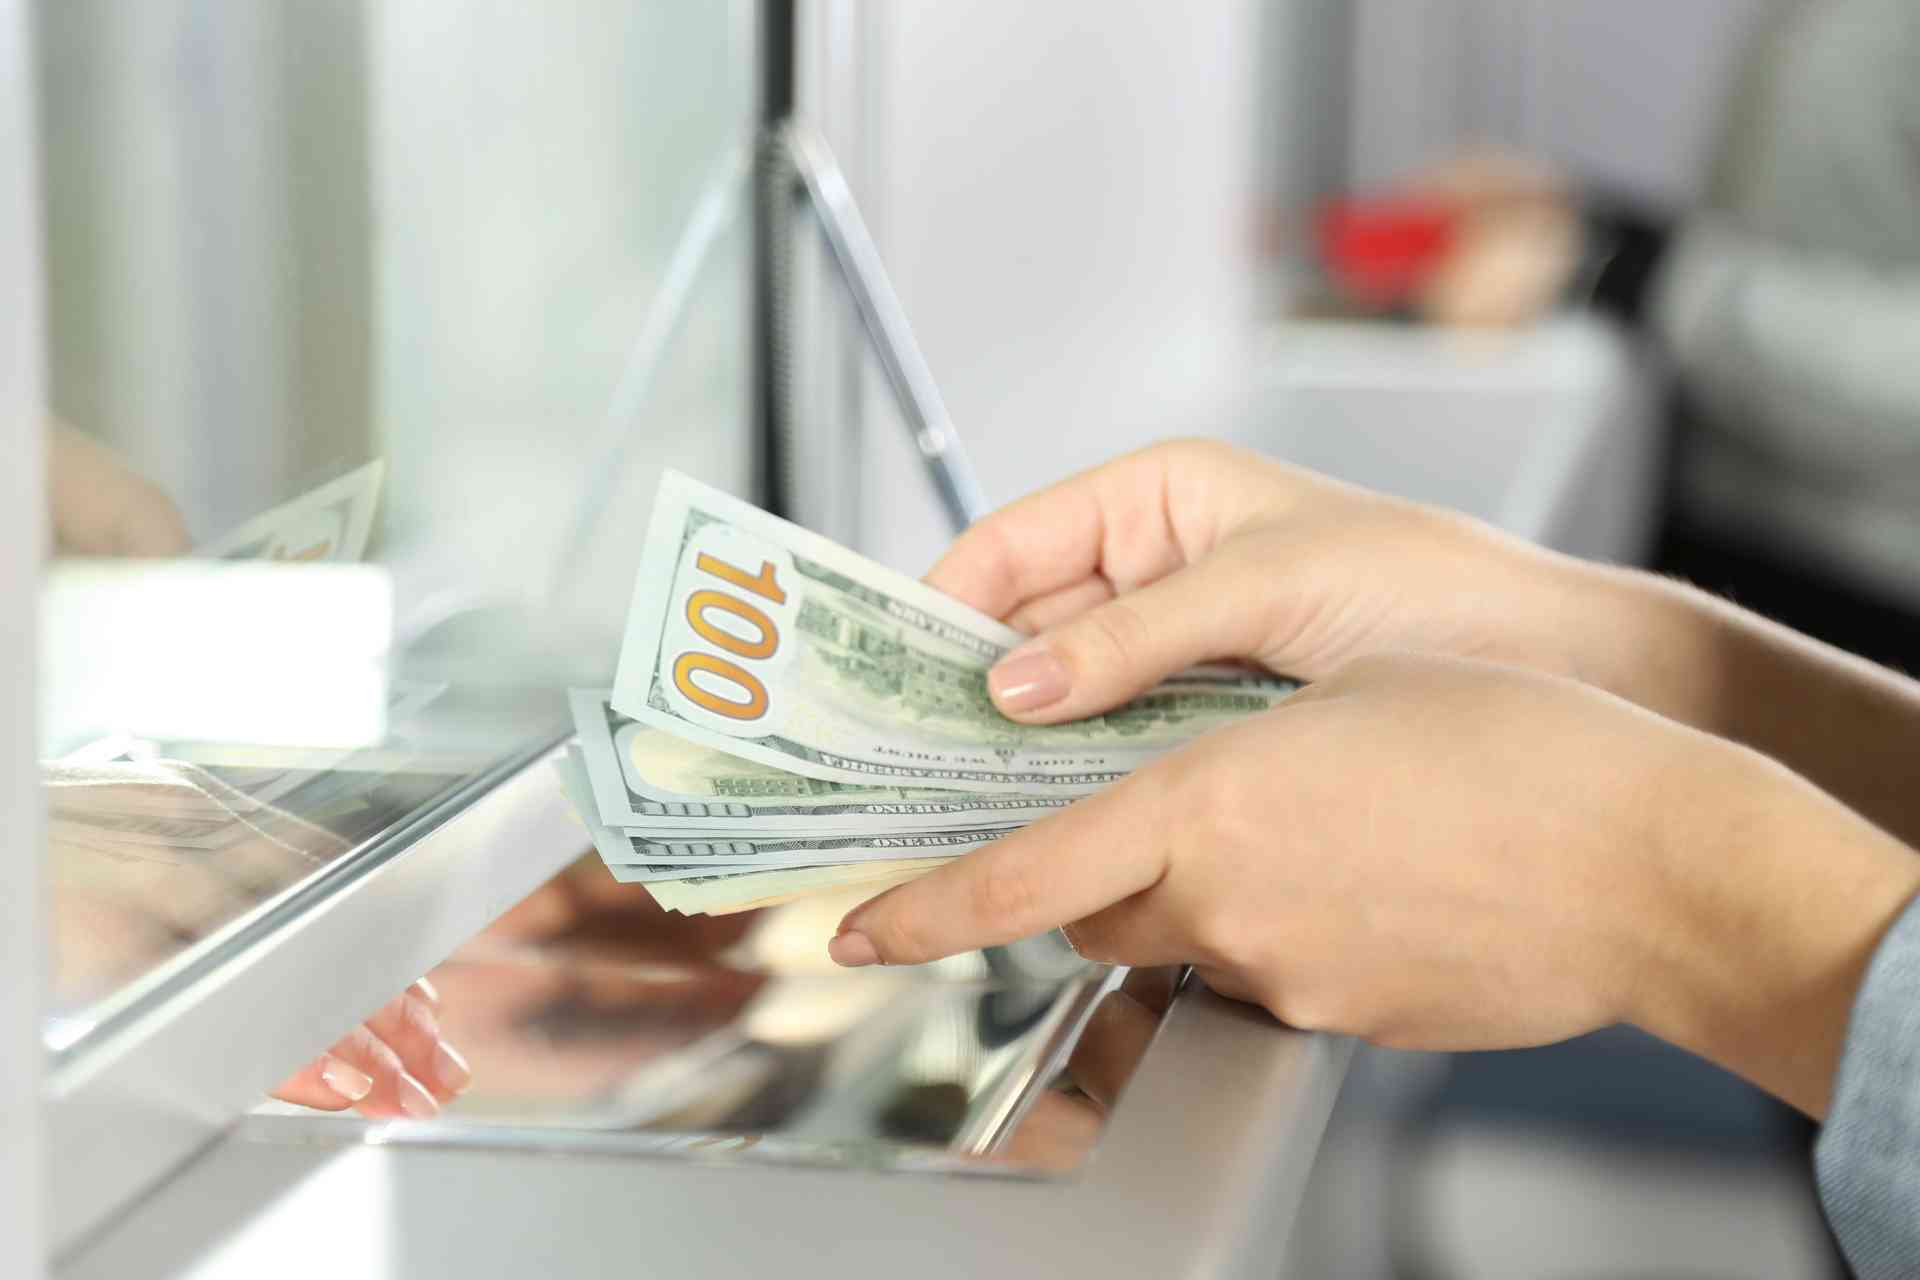 получен заем наличными деньгами в кассу